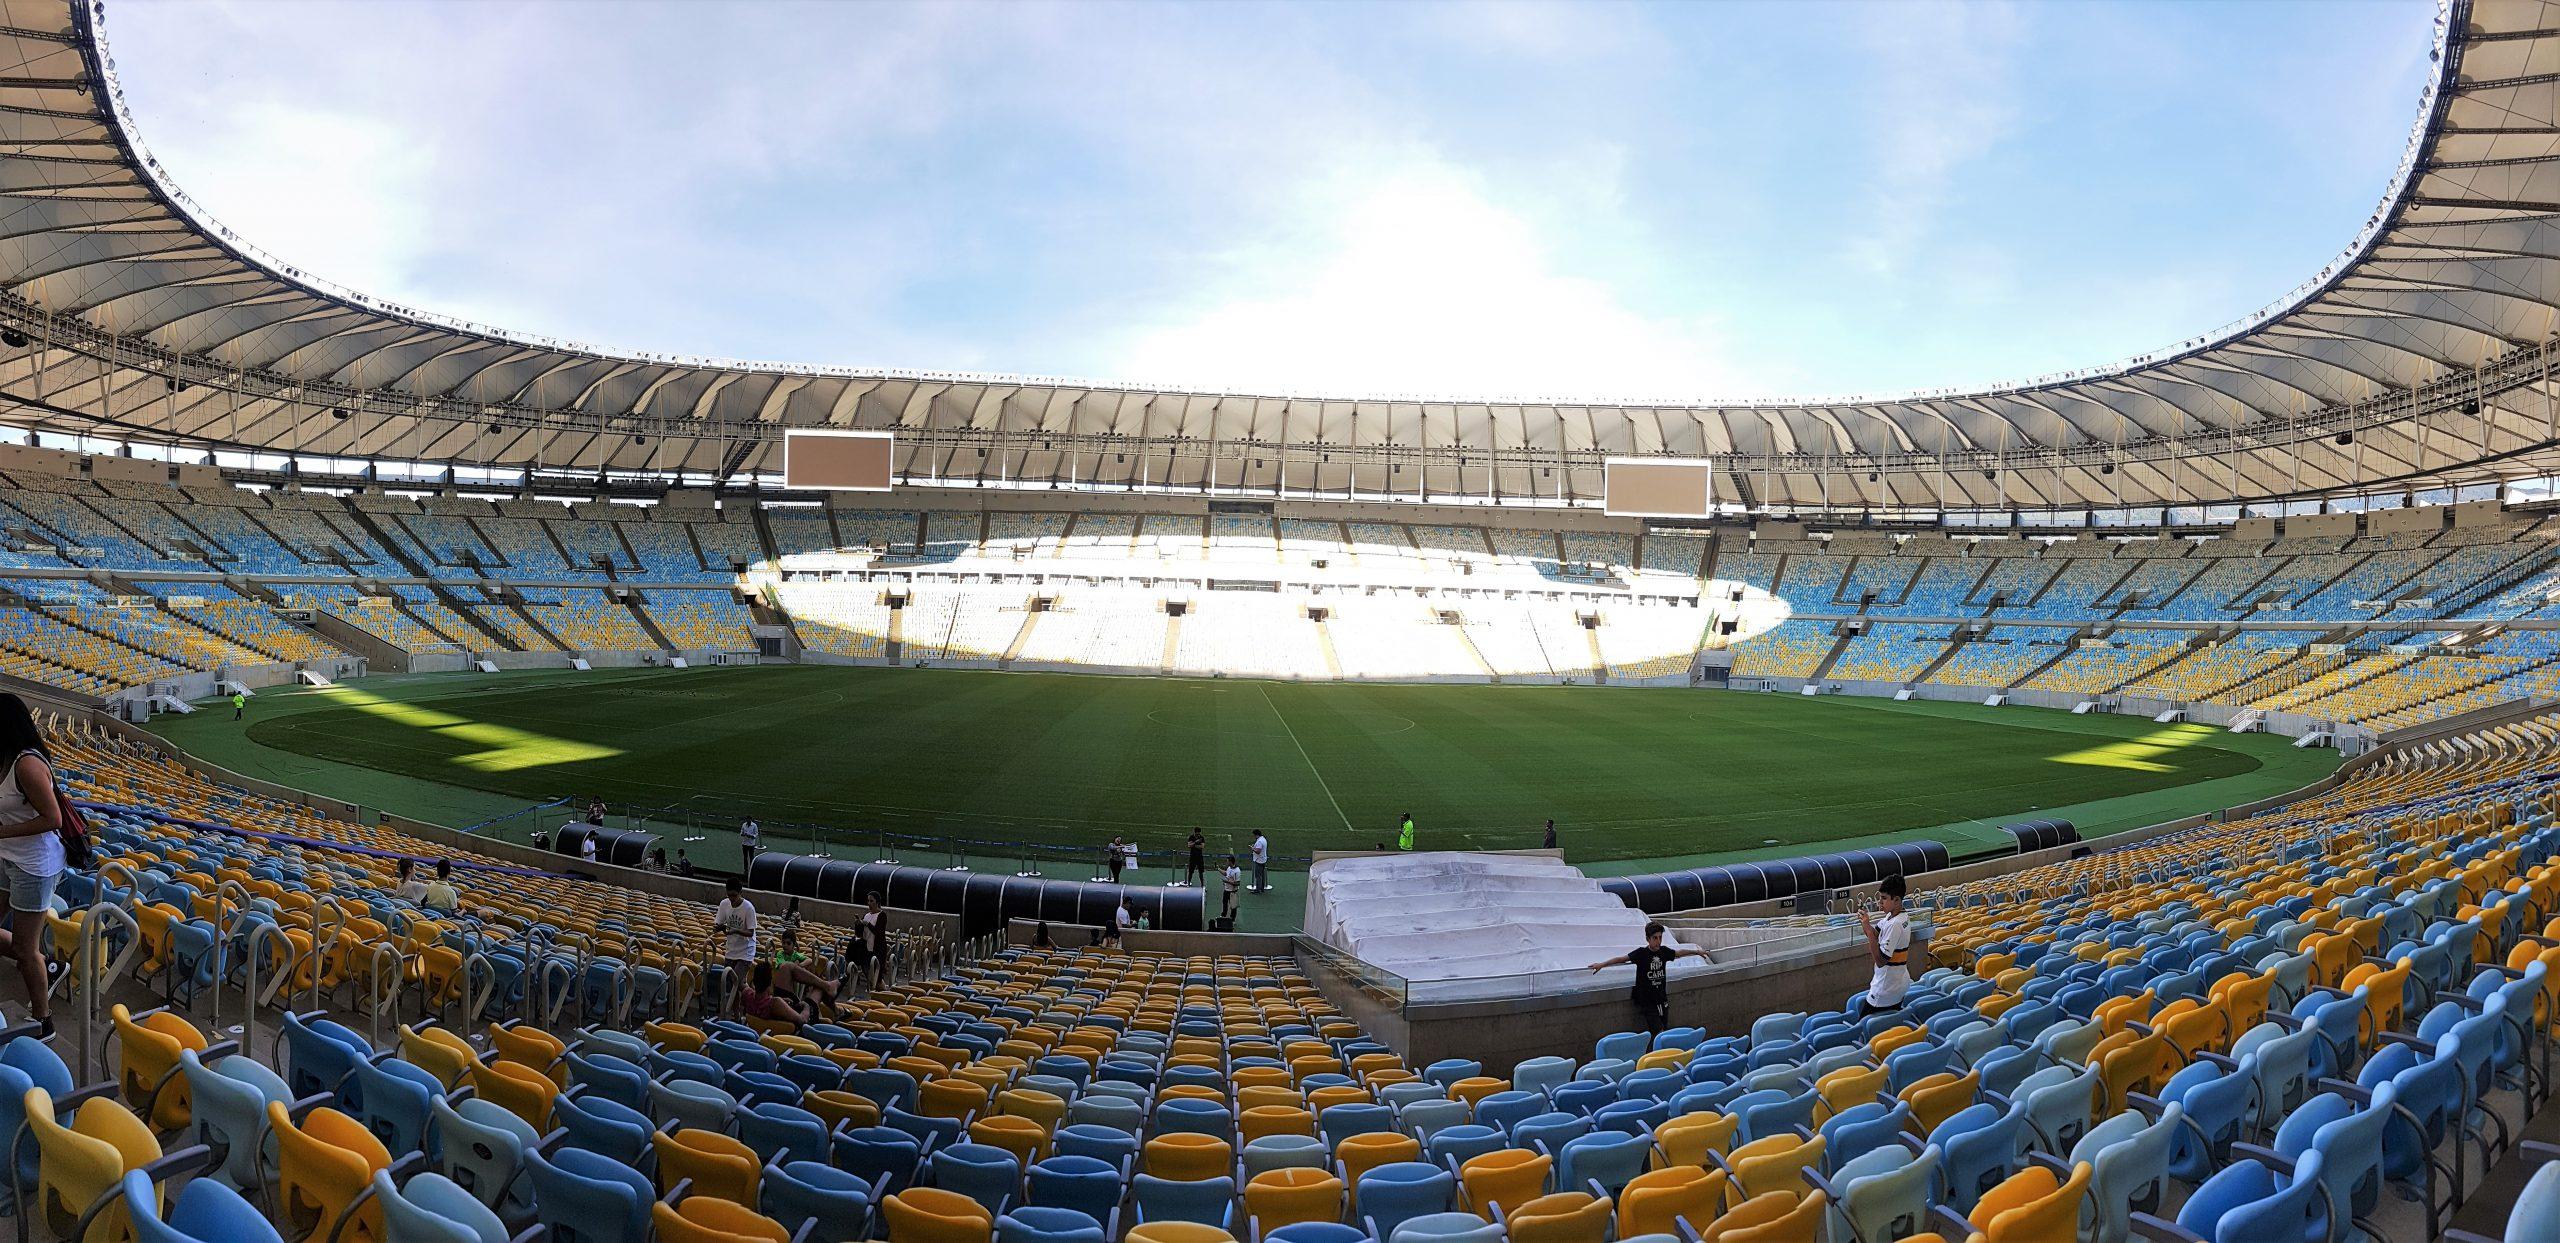 Paes recua e diz que irá revogar resolução que autoriza público nos estádios do Rio